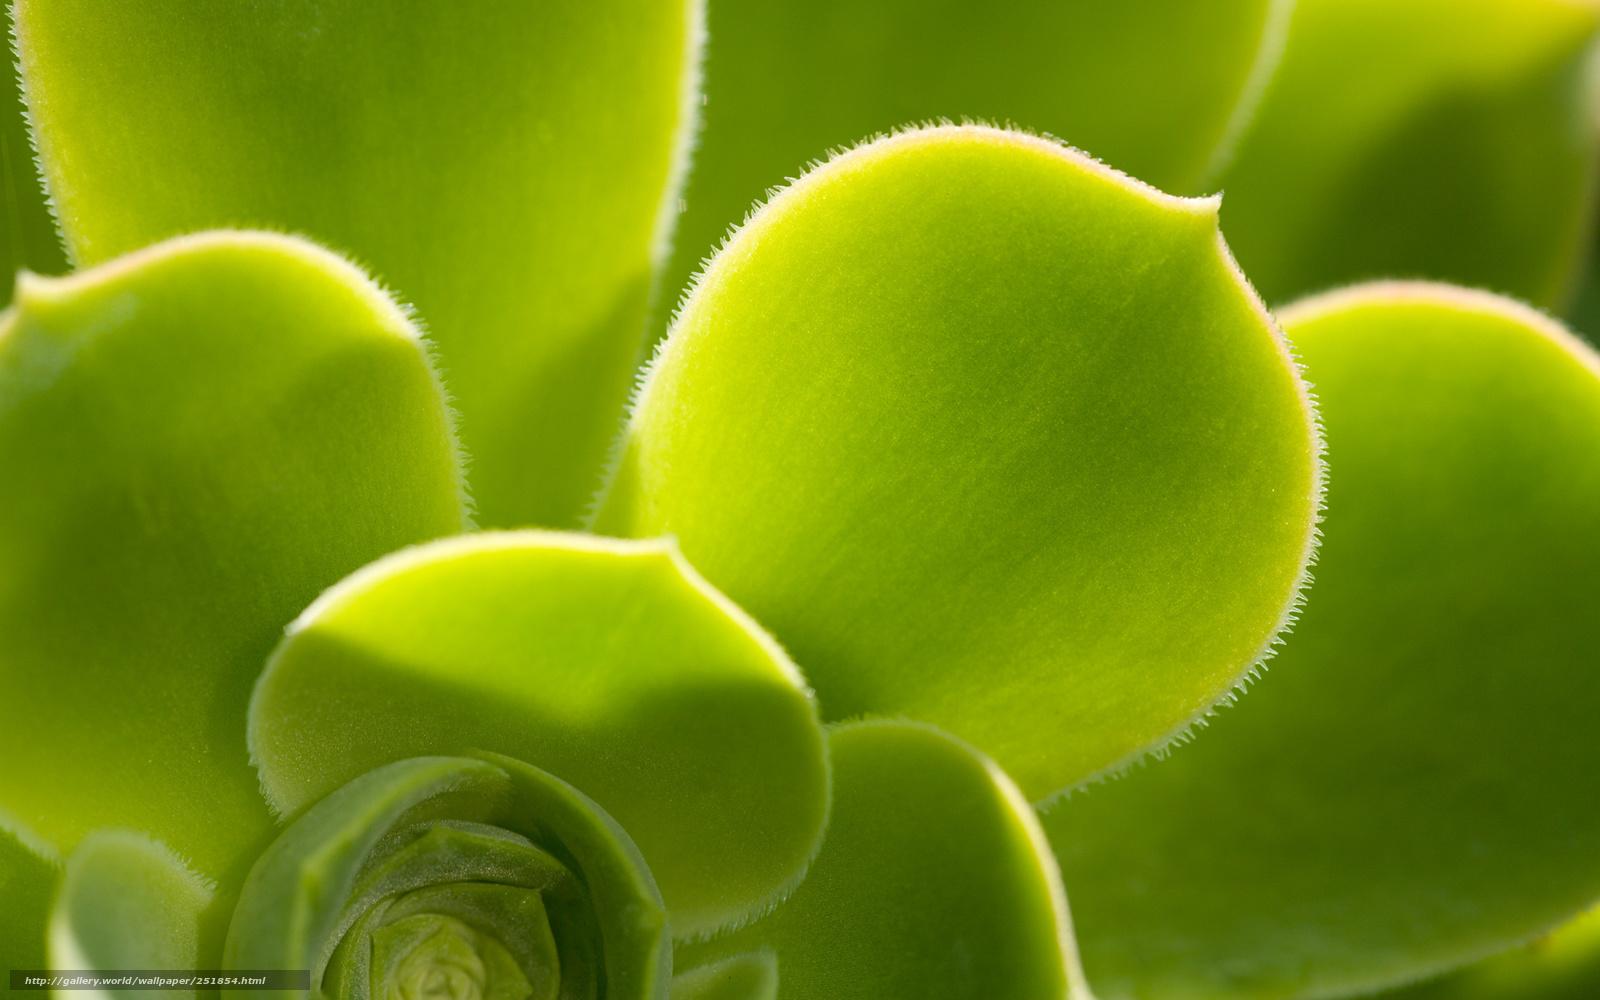 Scaricare Gli Sfondi Fiore Verde Natura Sfondi Gratis Per La